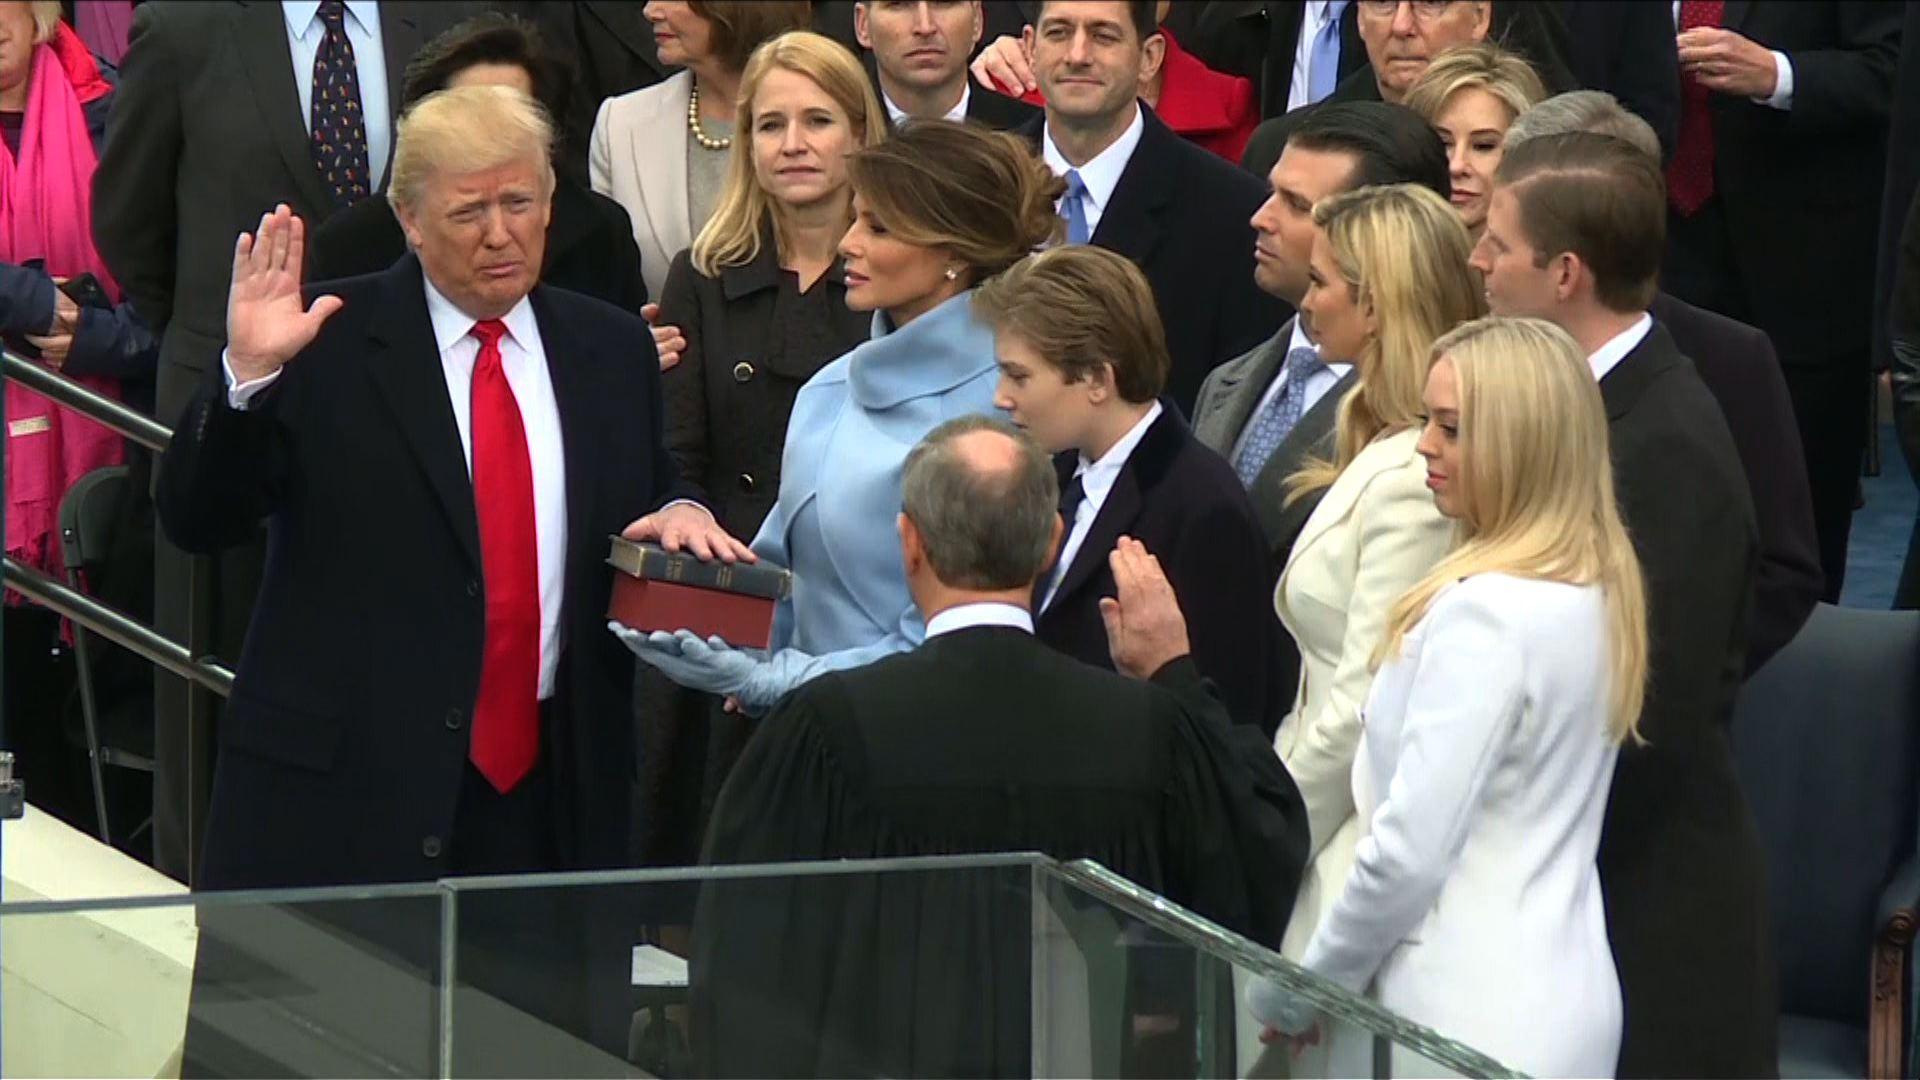 La juramentación de Donald Trump como presidente de EE.UU.